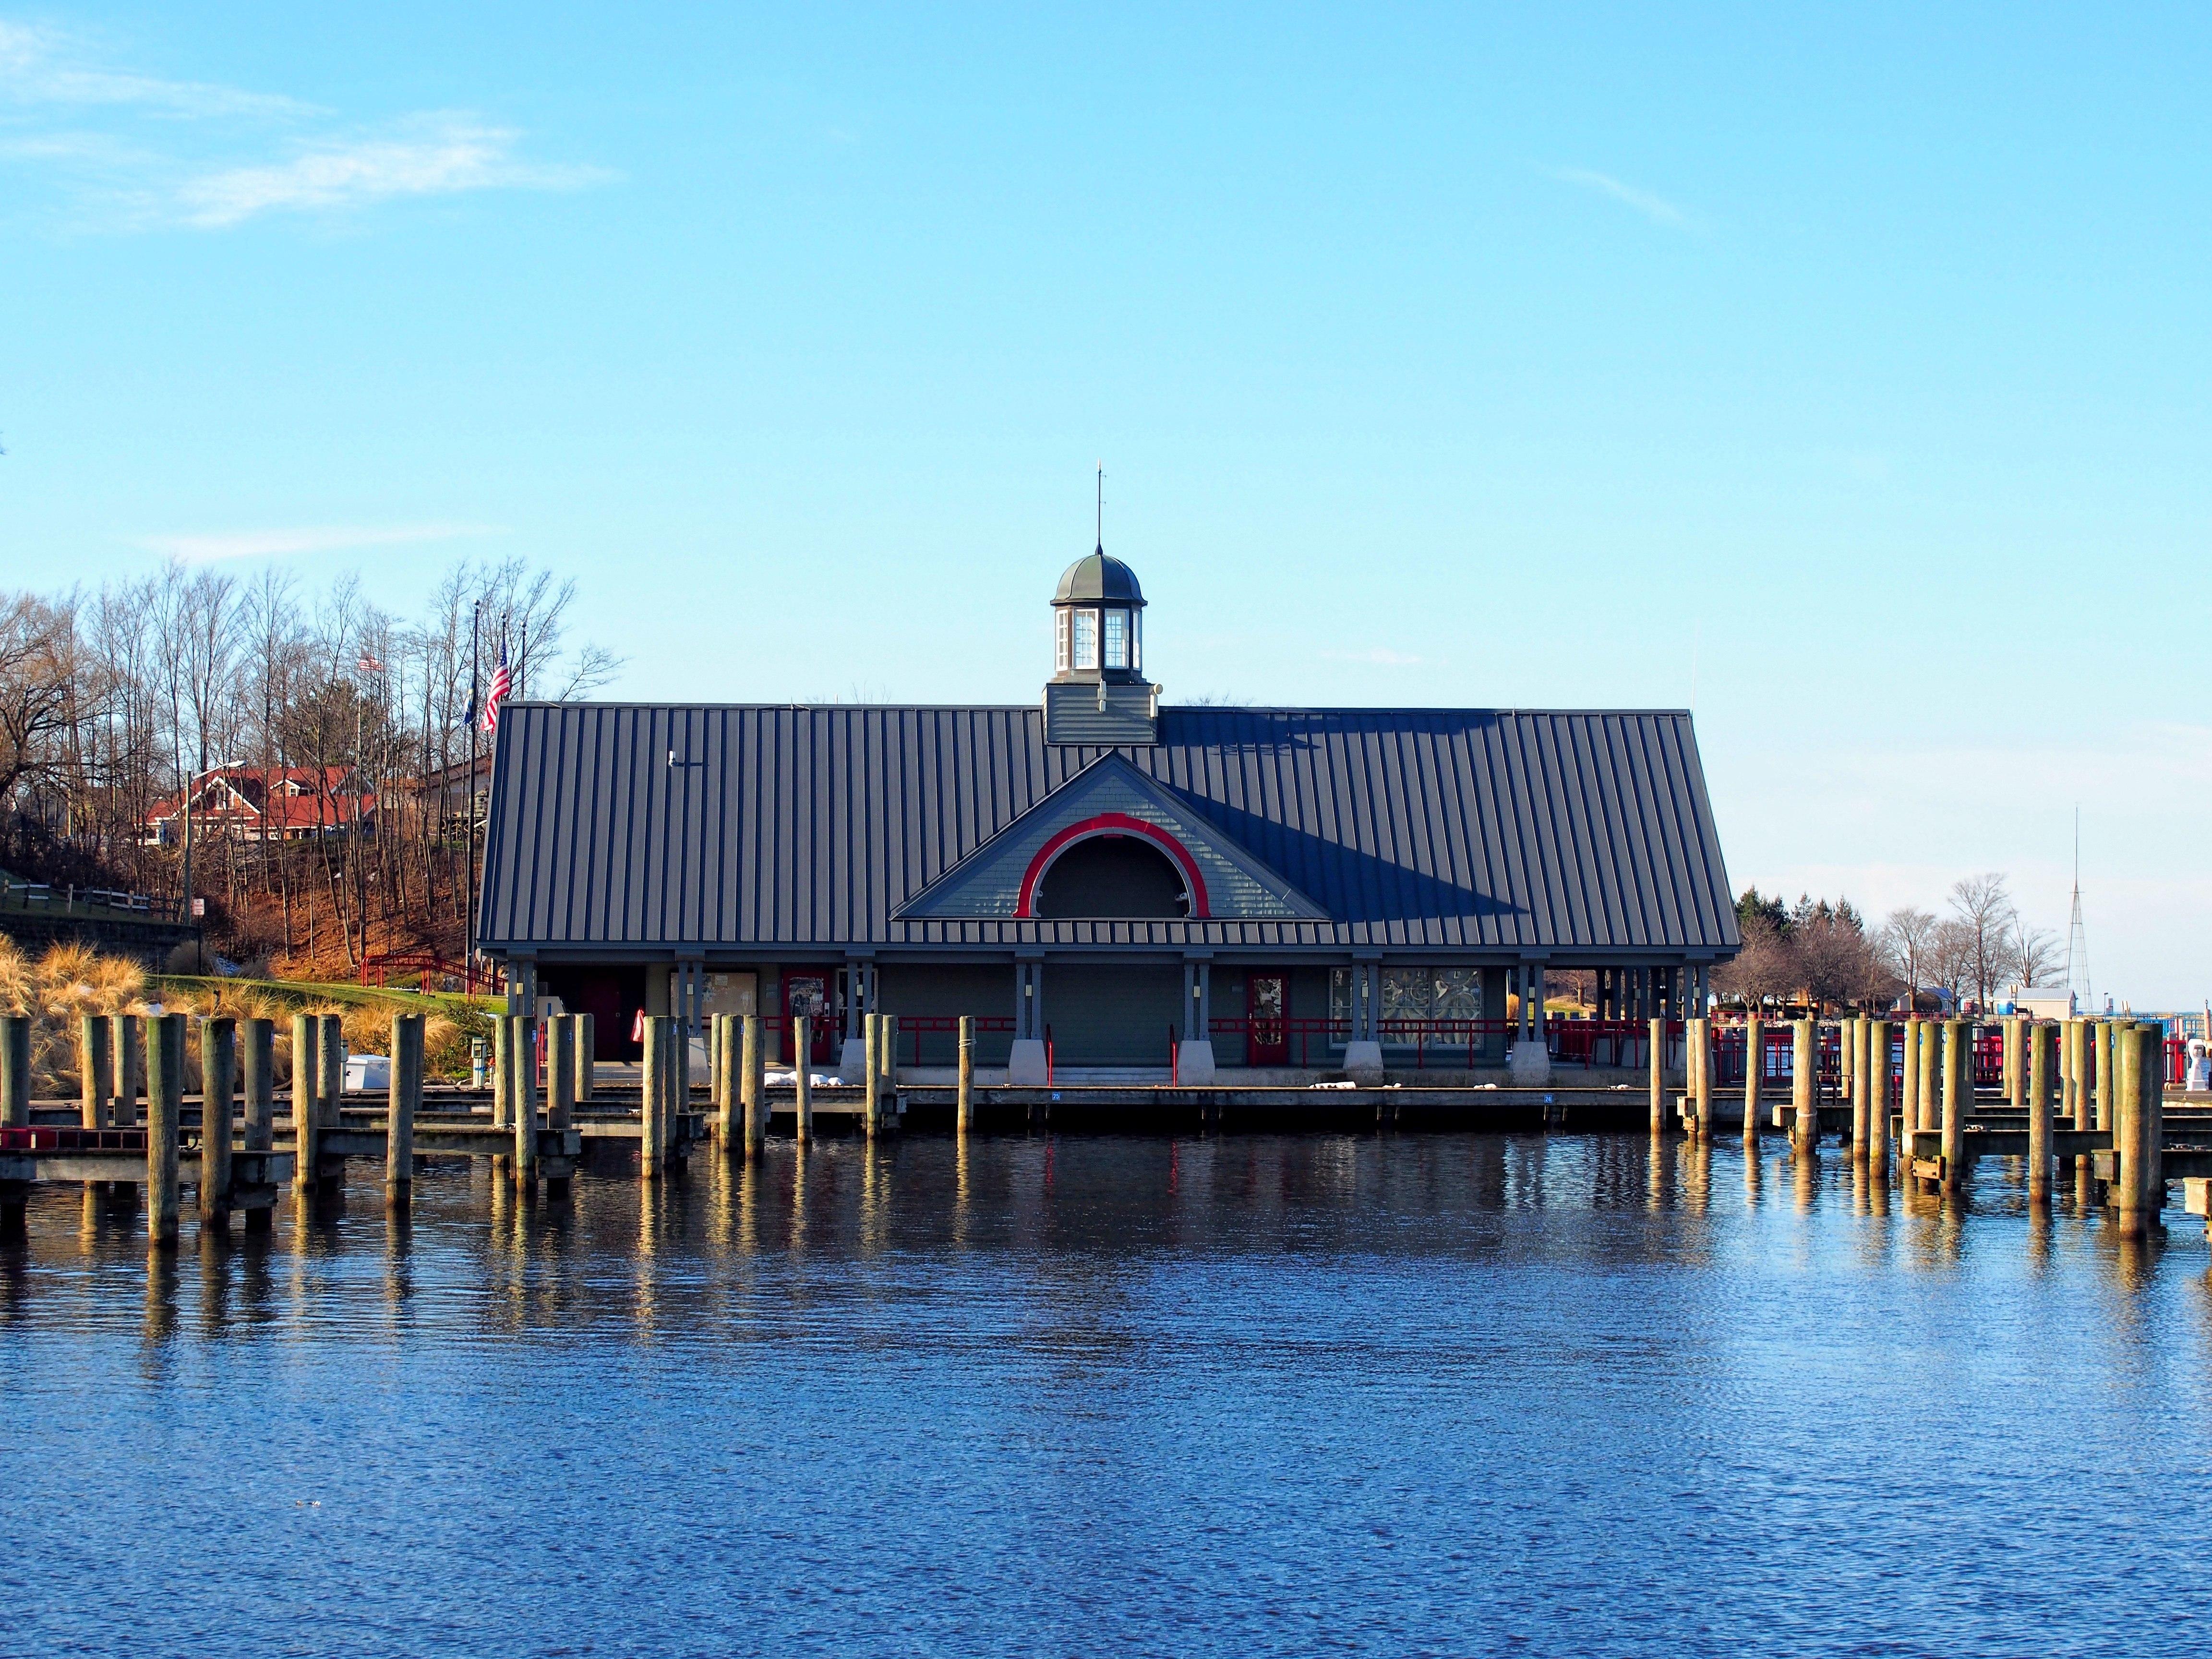 US part of Great Lakes - Michigan / South Haven Minicipal Marina